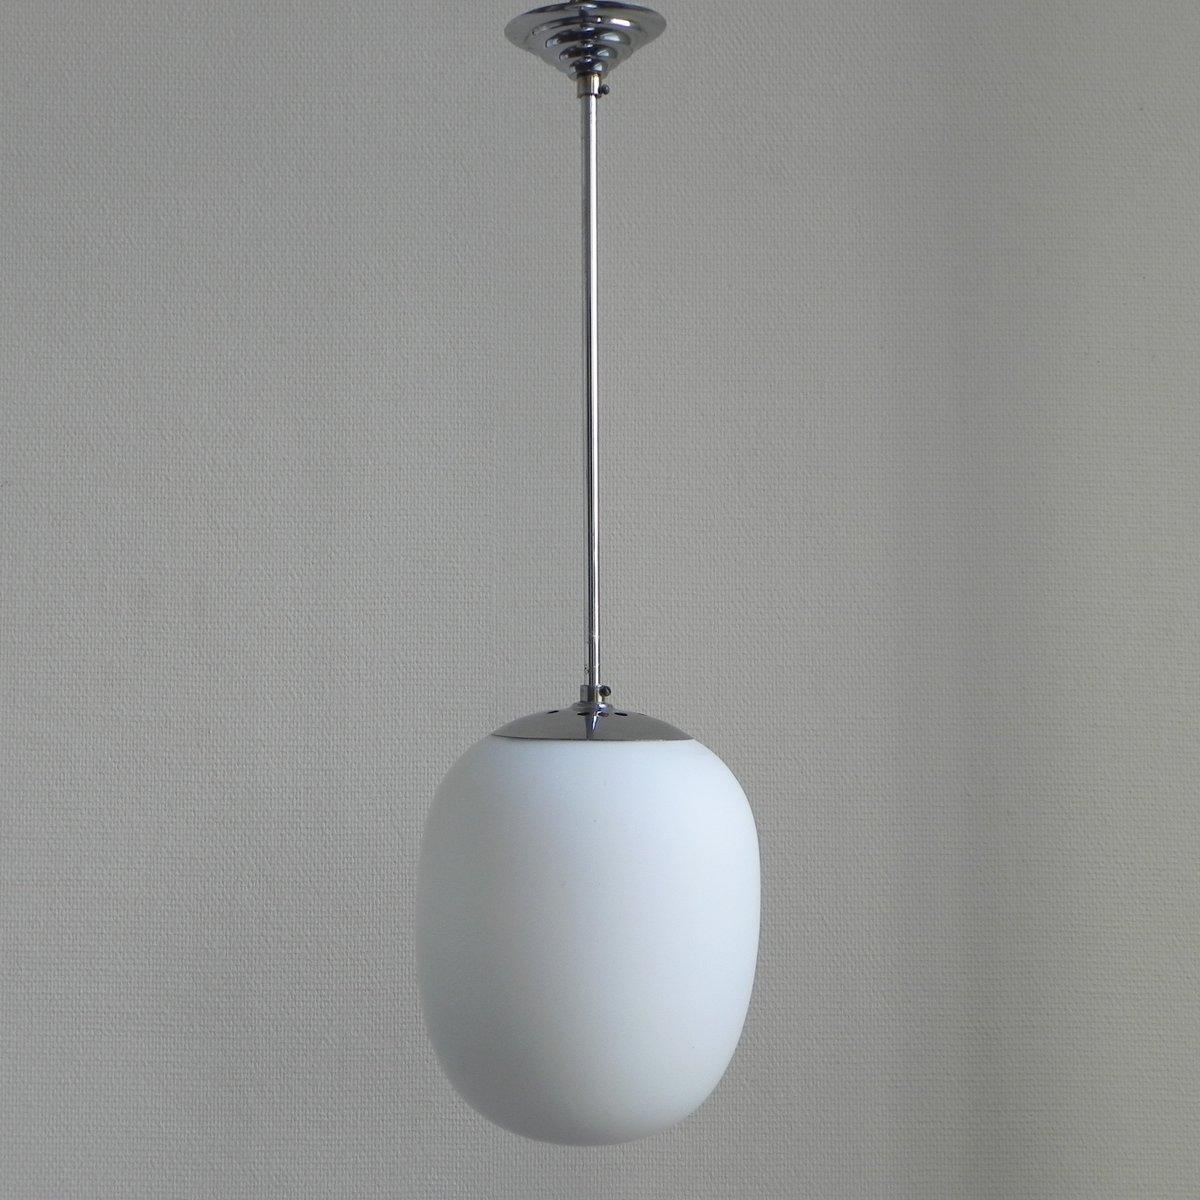 vintage lampe mit glaskugel bei pamono kaufen. Black Bedroom Furniture Sets. Home Design Ideas